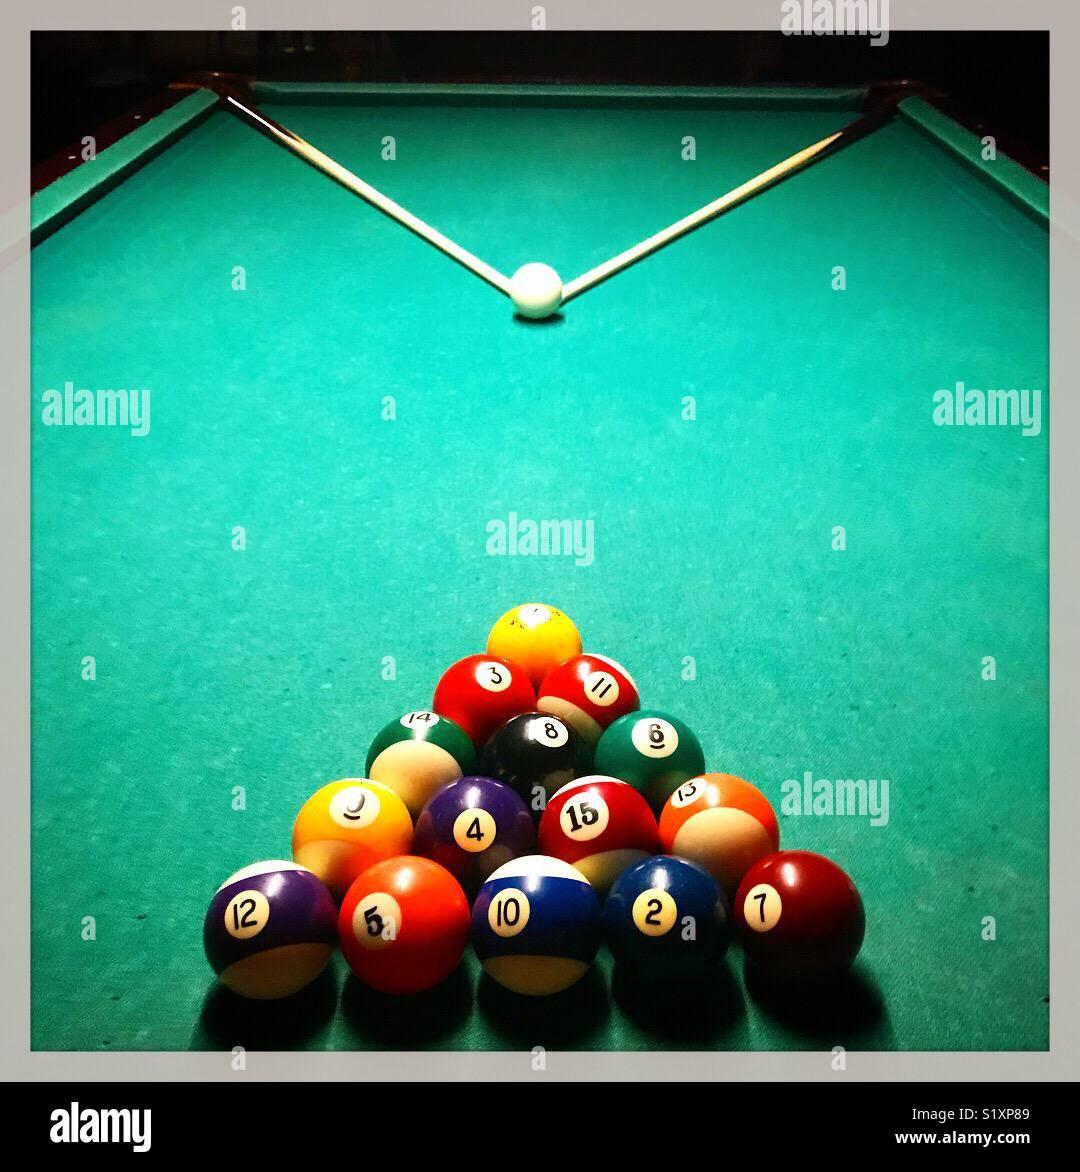 Mesa de Billar juego para jugar Imagen De Stock